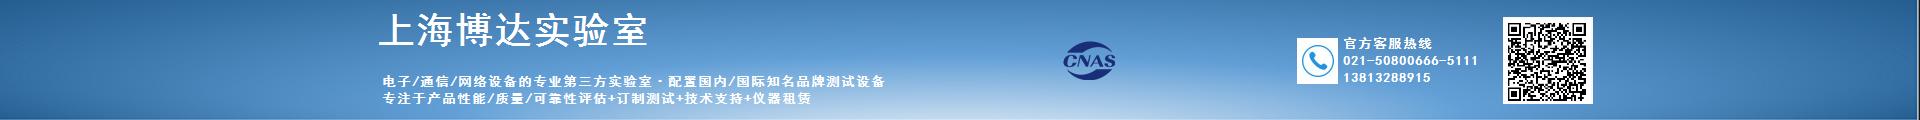 上海博達數據通信有限公司